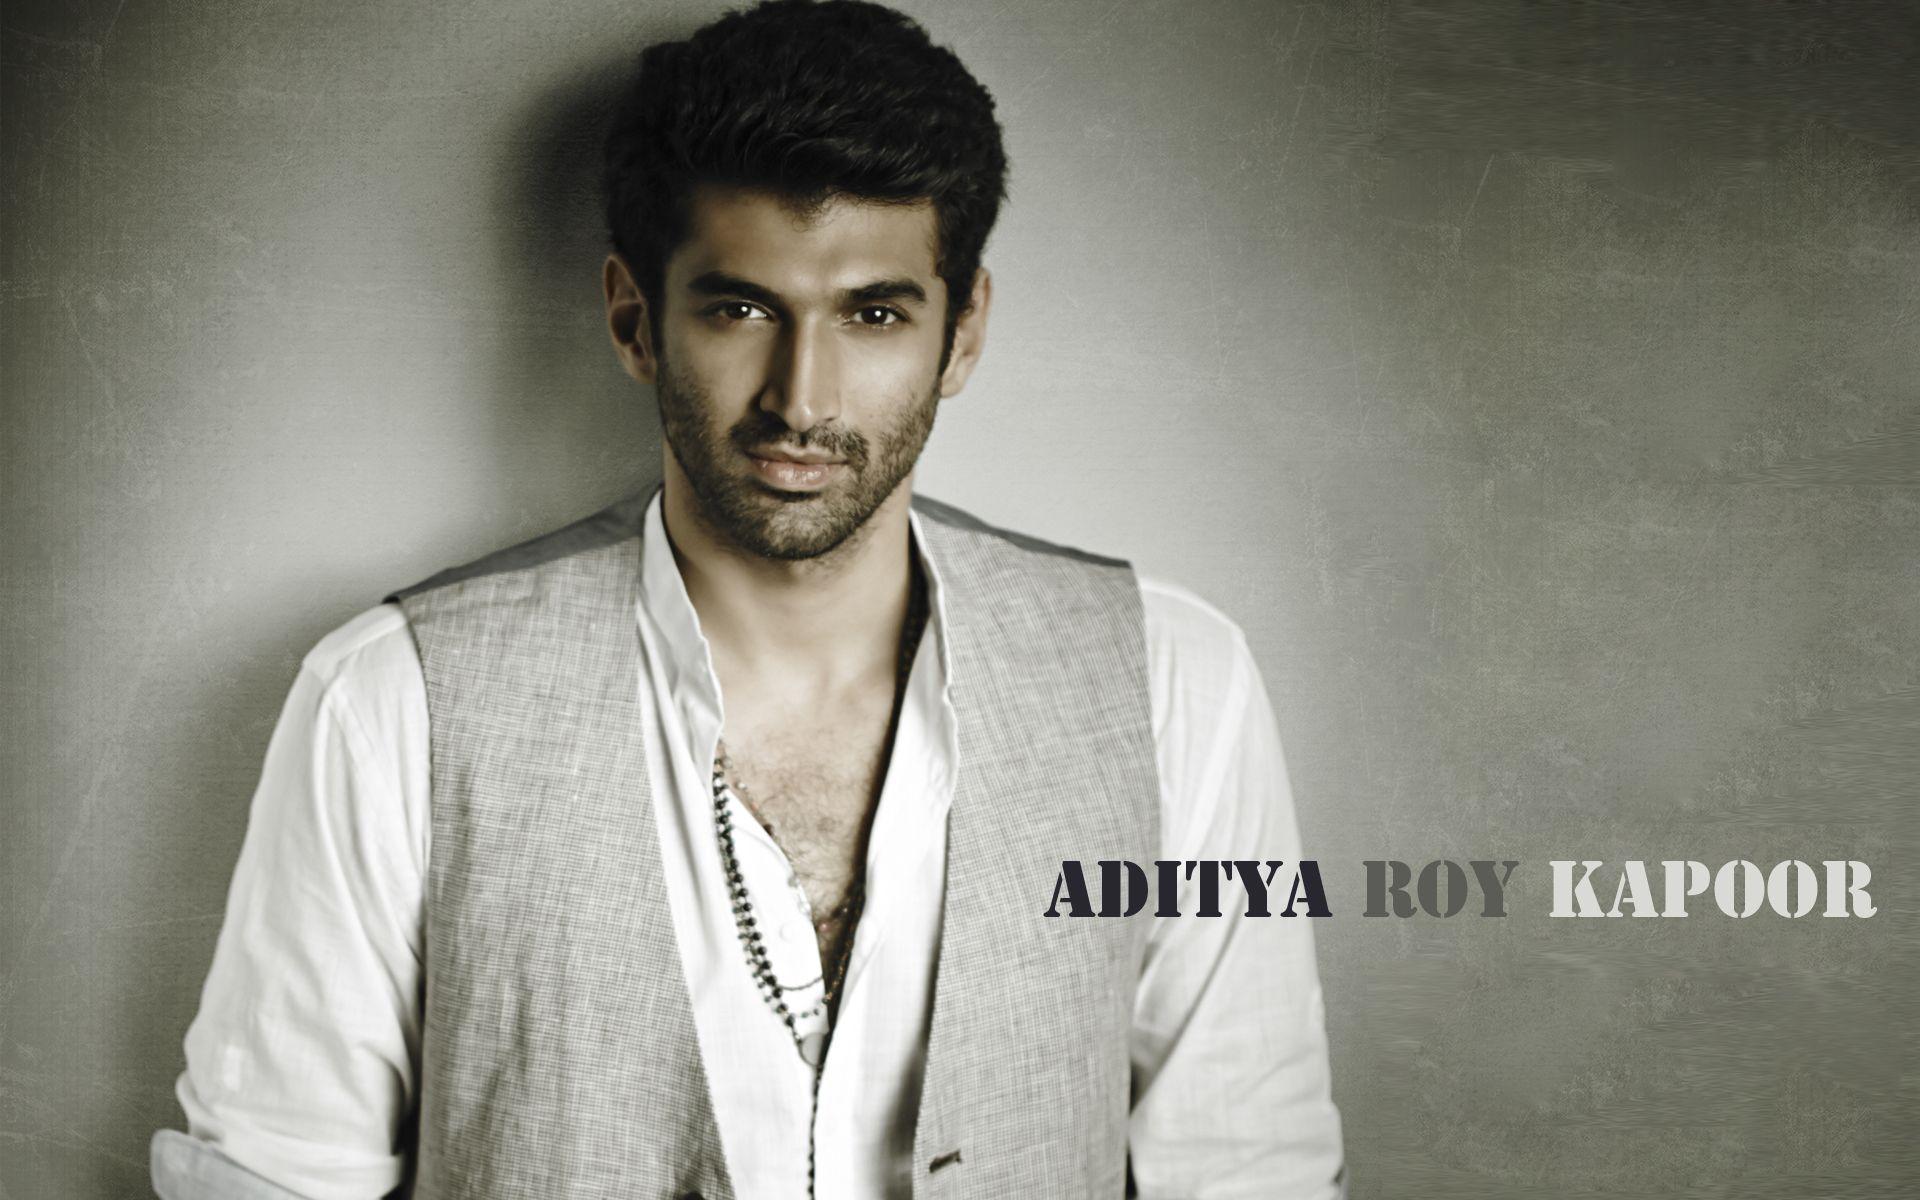 Aditya Roy Kapoor Hd Wallpaper: Aditya Roy Kapoor Full Hd Wallpaper Download Free Pics Img